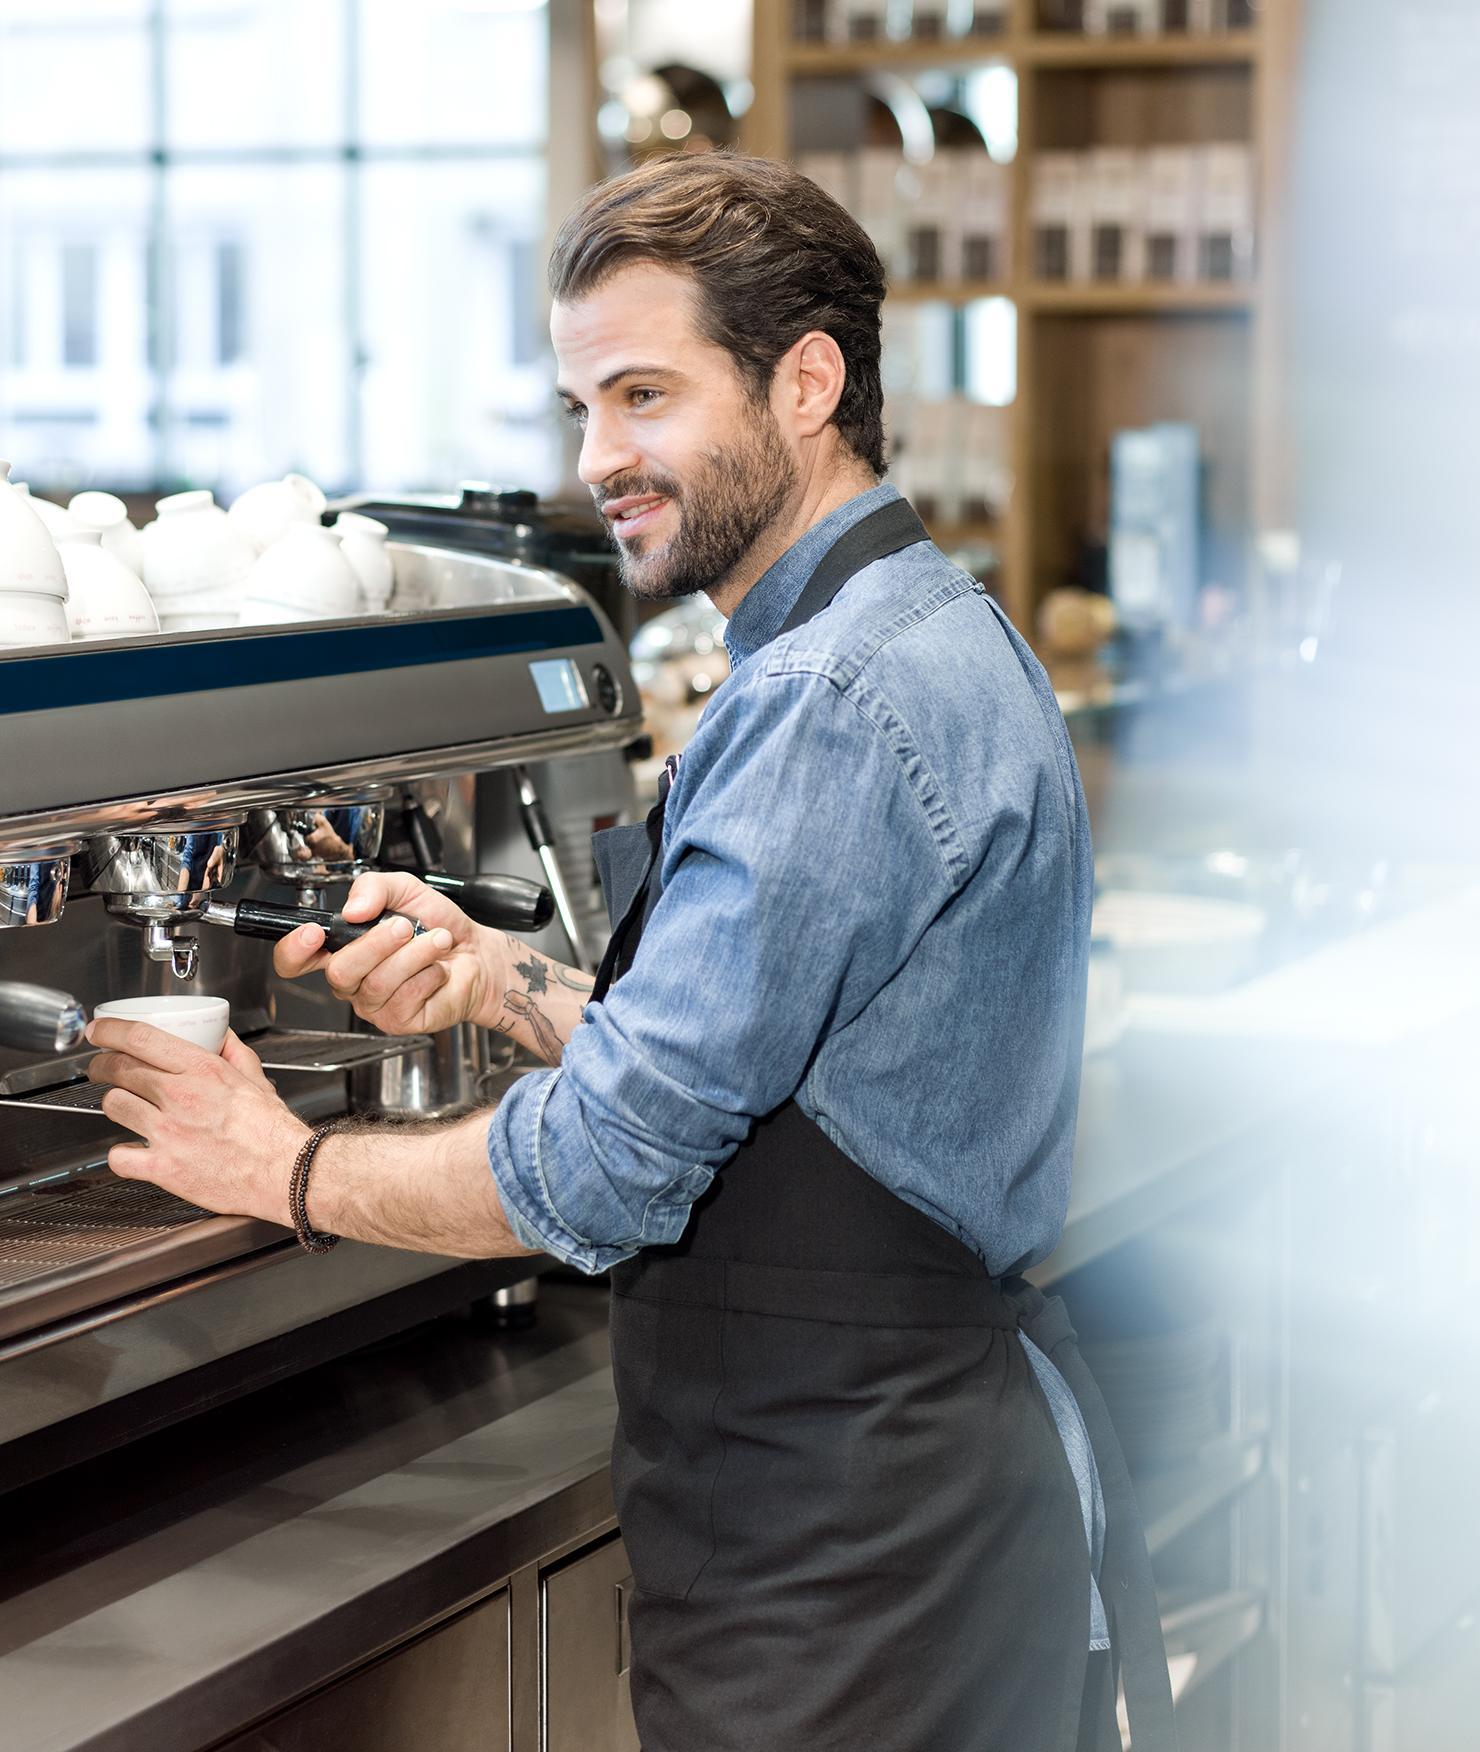 BRITA agua cafetería y panadería barista